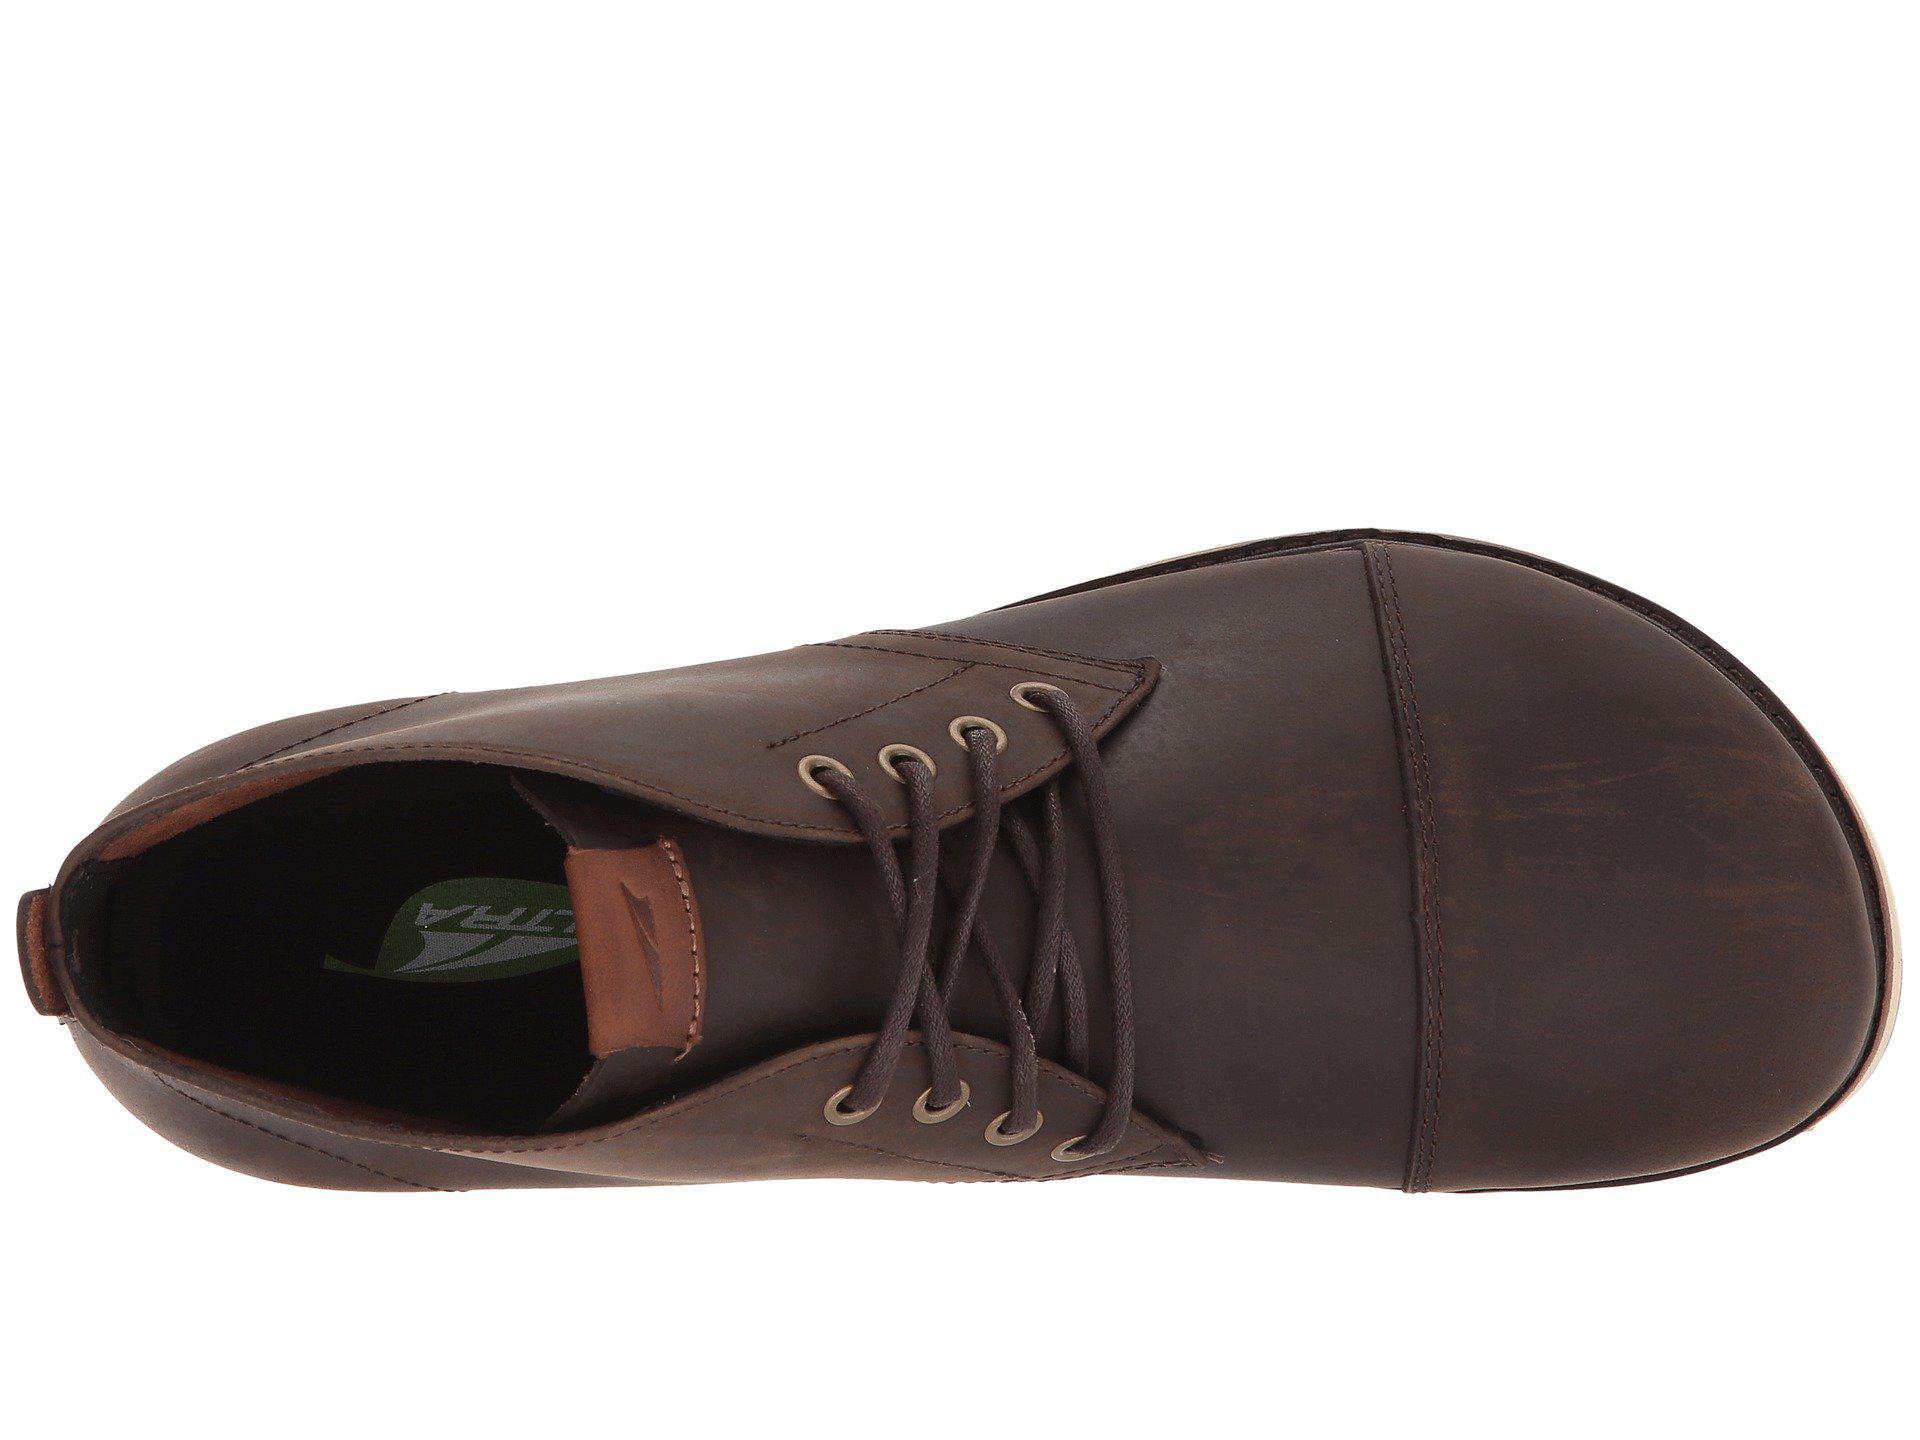 1bdfd91bcb5 Men's Brown Smith Boot